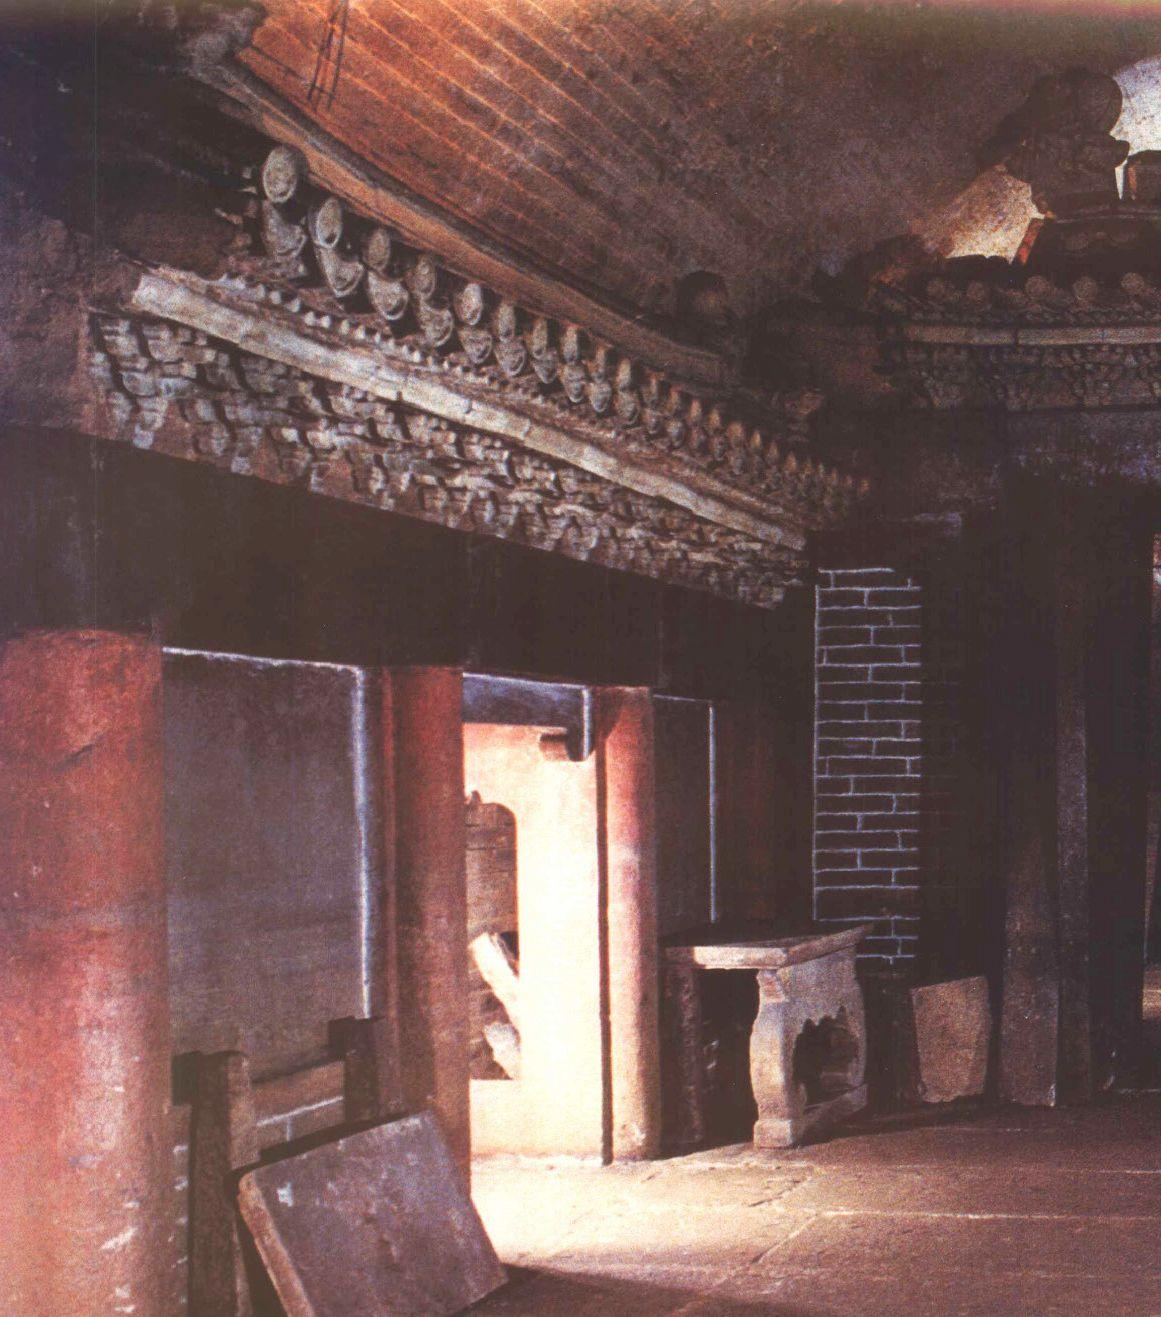 中国建筑艺术,神秘的陵墓文化,蜀僖王坟地宫、斗拱、棺床